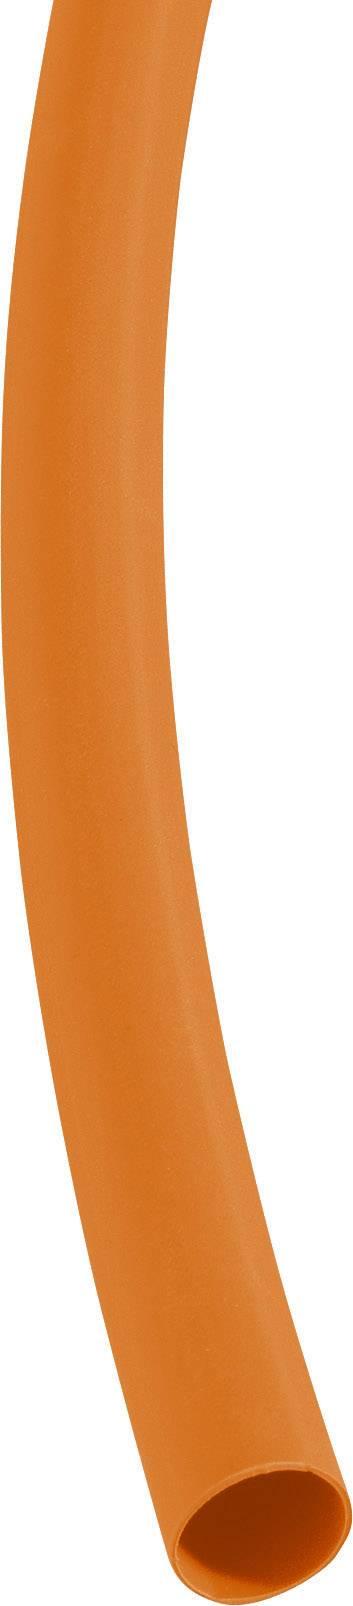 Zmršťovacie bužírky nelepiace DSG Canusa 3290240203, 3:1, 25.40 mm, oranžová, metrový tovar